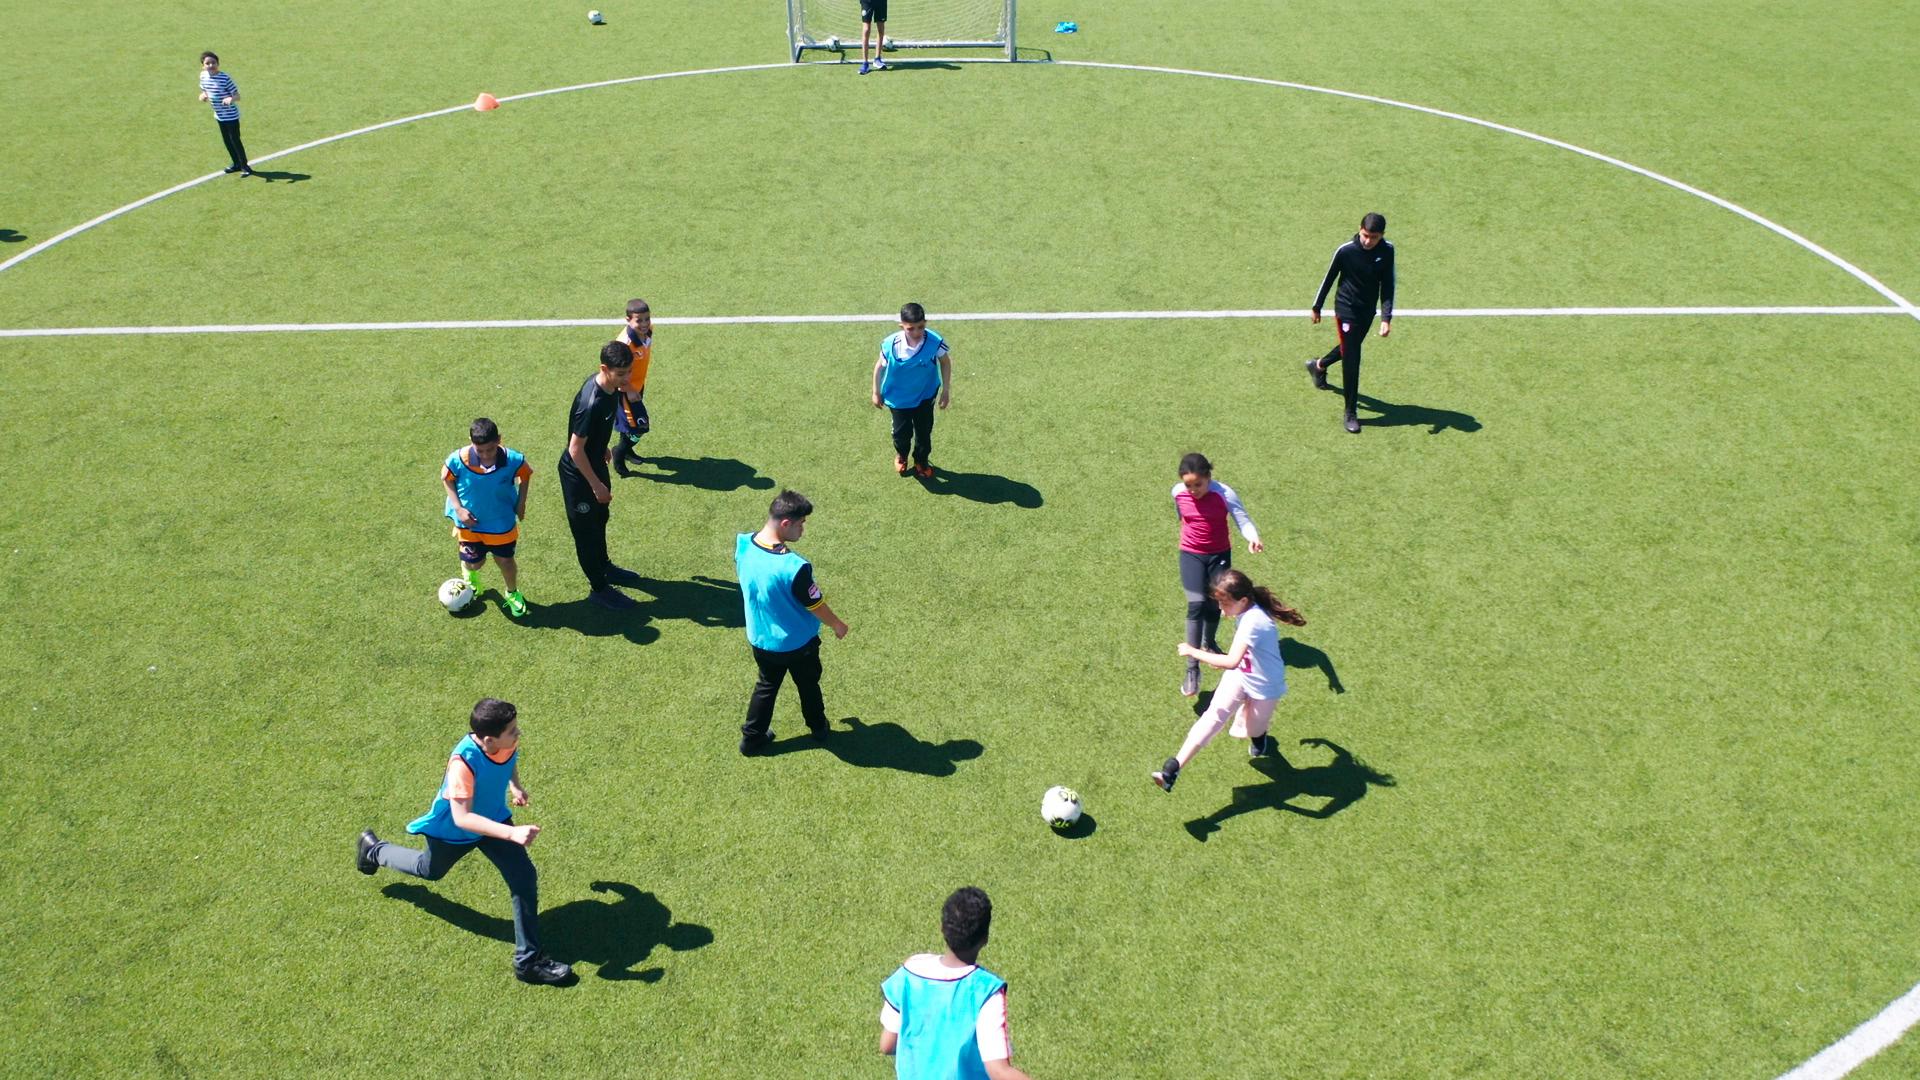 Kinderen zijn aan het voetballen